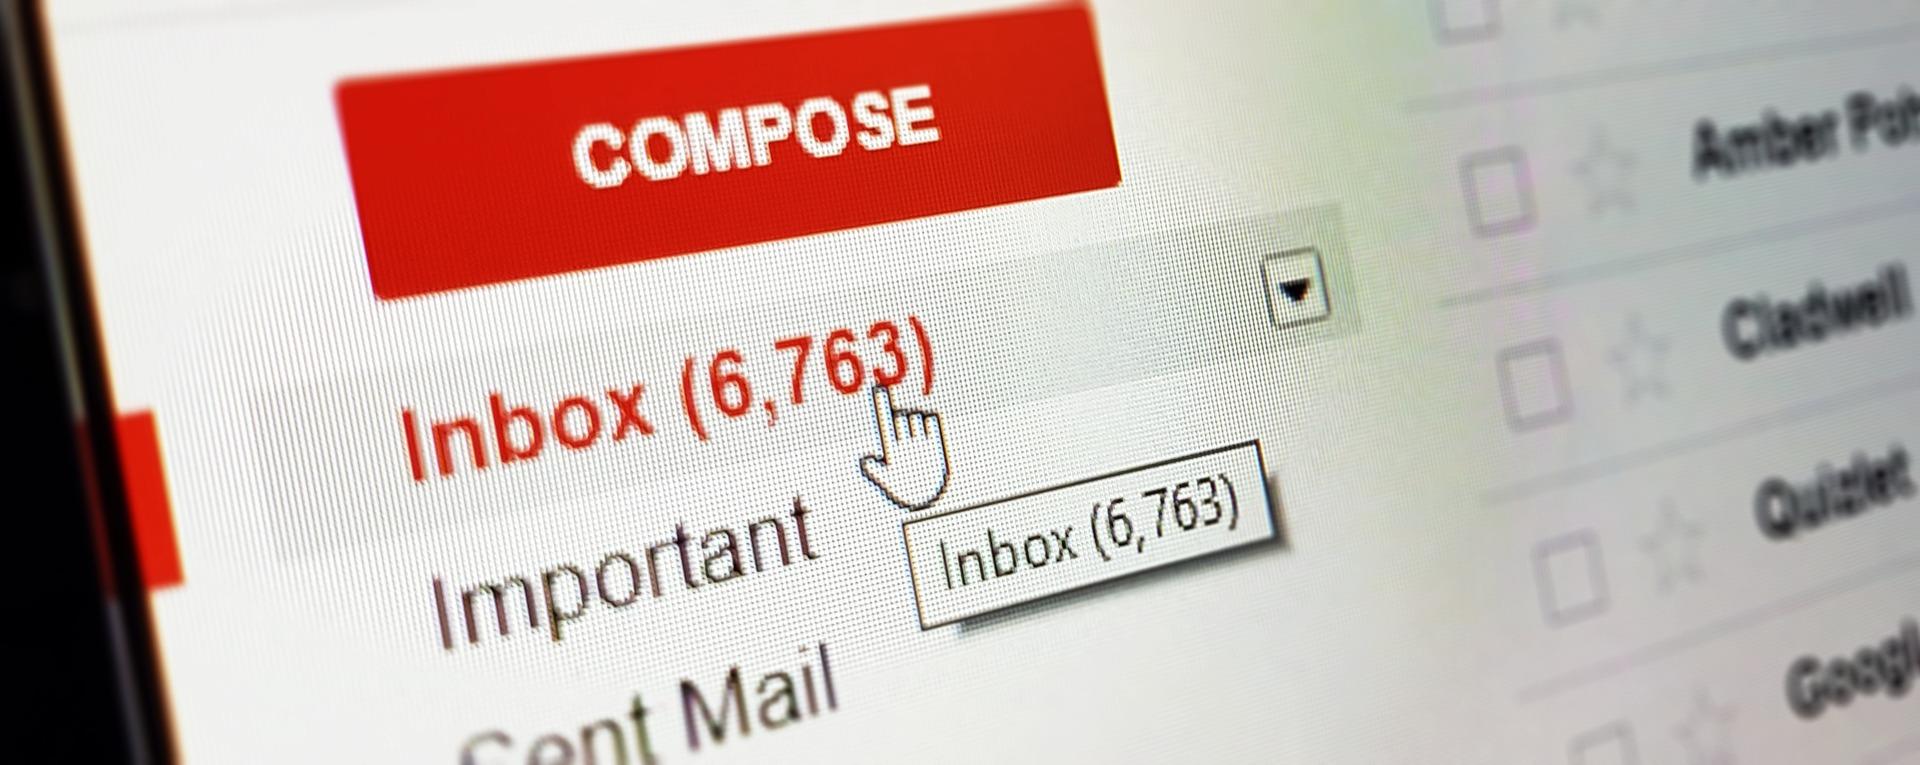 eine bung die regelmig angewendet wird ist die postkorbbung womit bewerber rechnen mssen und wie sie die herausforderung bestehen - Postkorbubung Beispiel